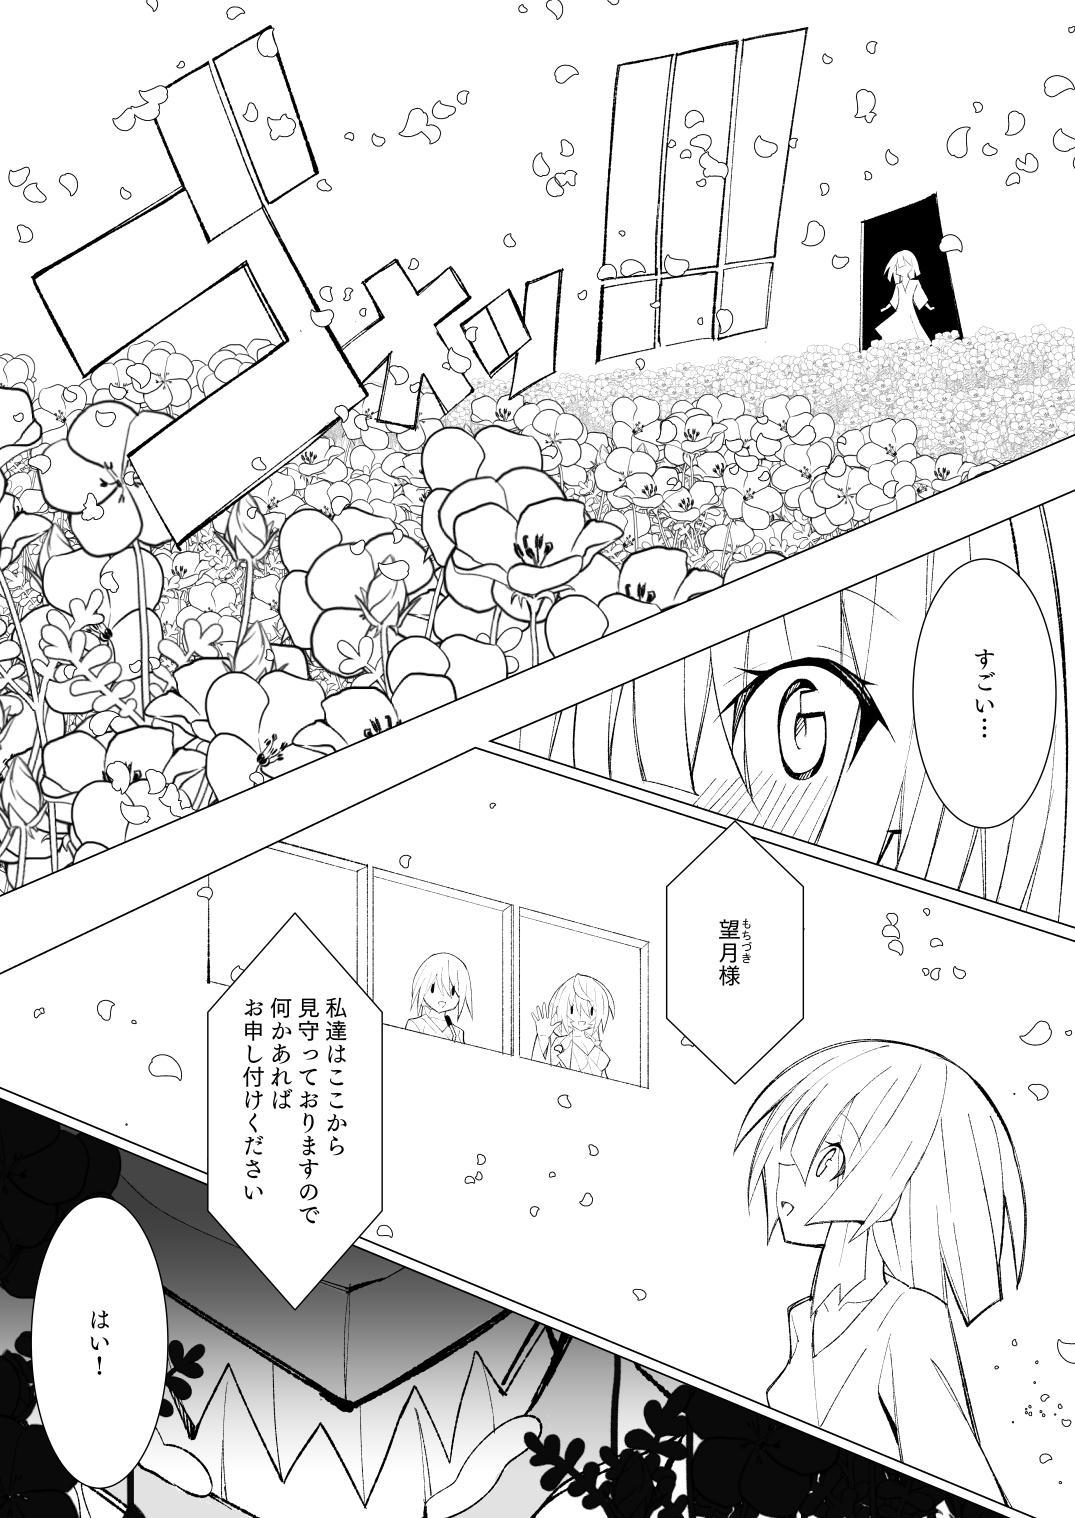 Ishu kan fūzoku-gai3 shokubutsu shokushu × rori 12